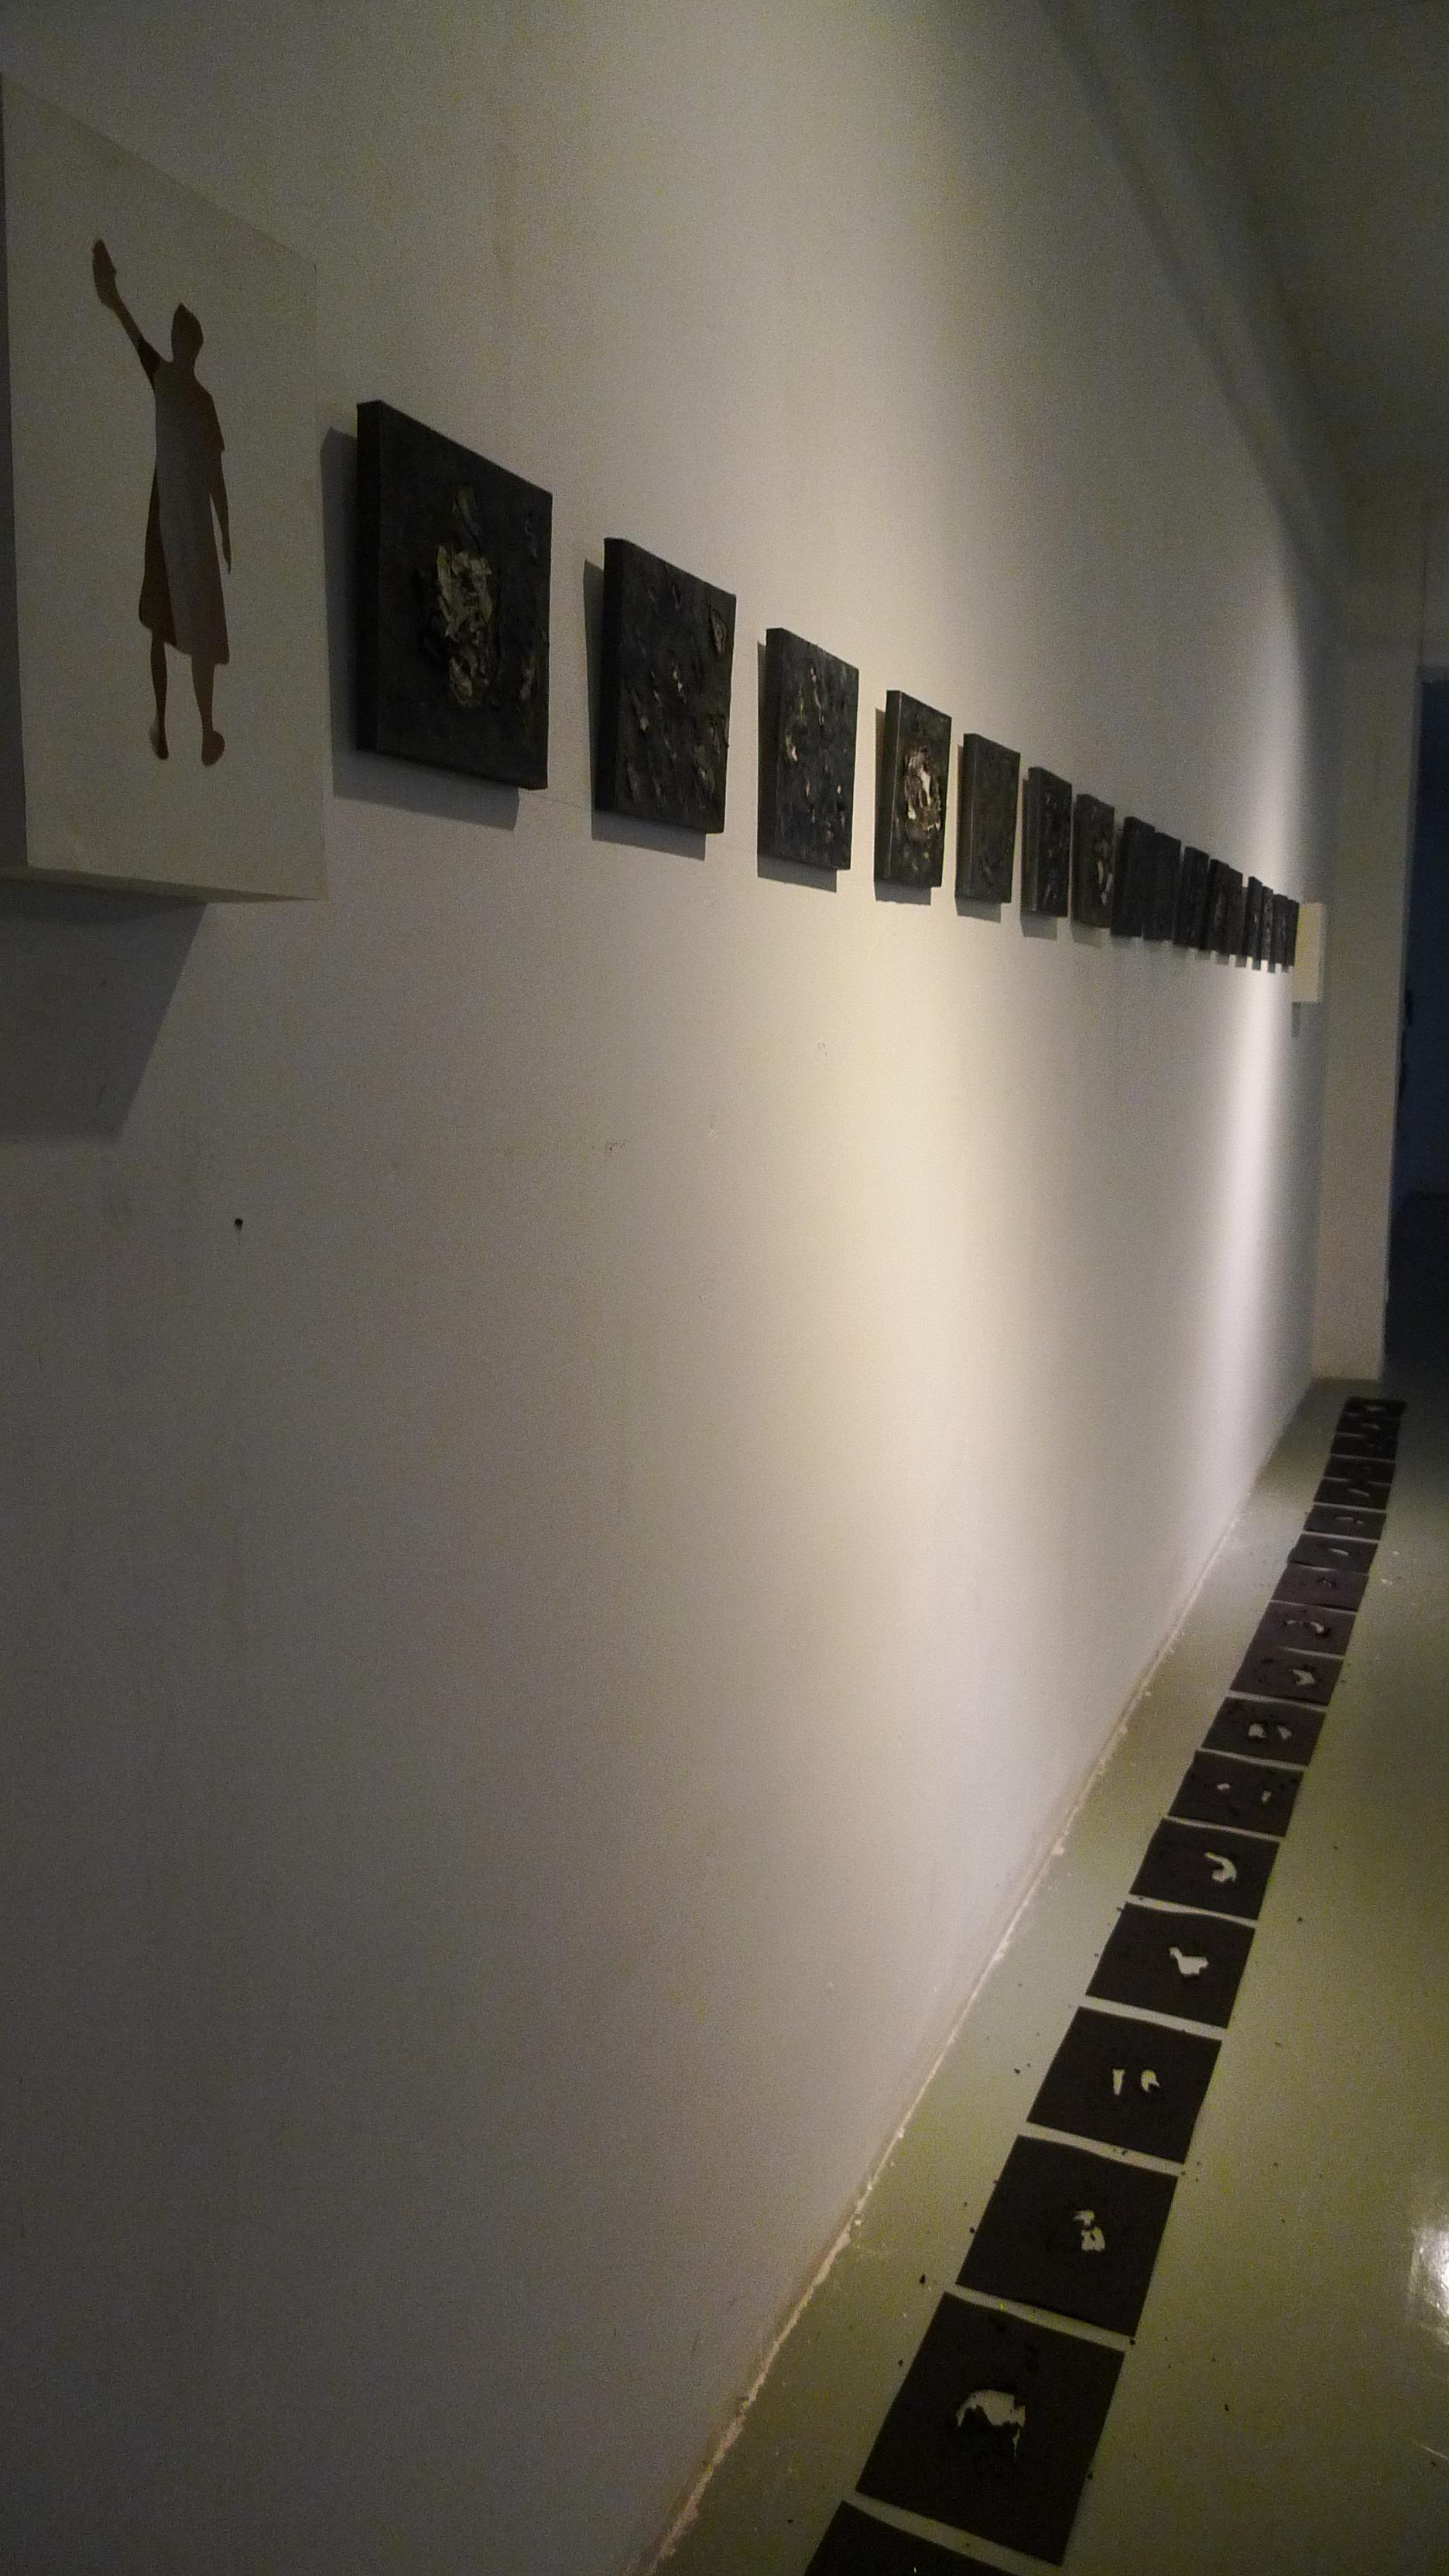 BH_exhibition_day3_22.JPG